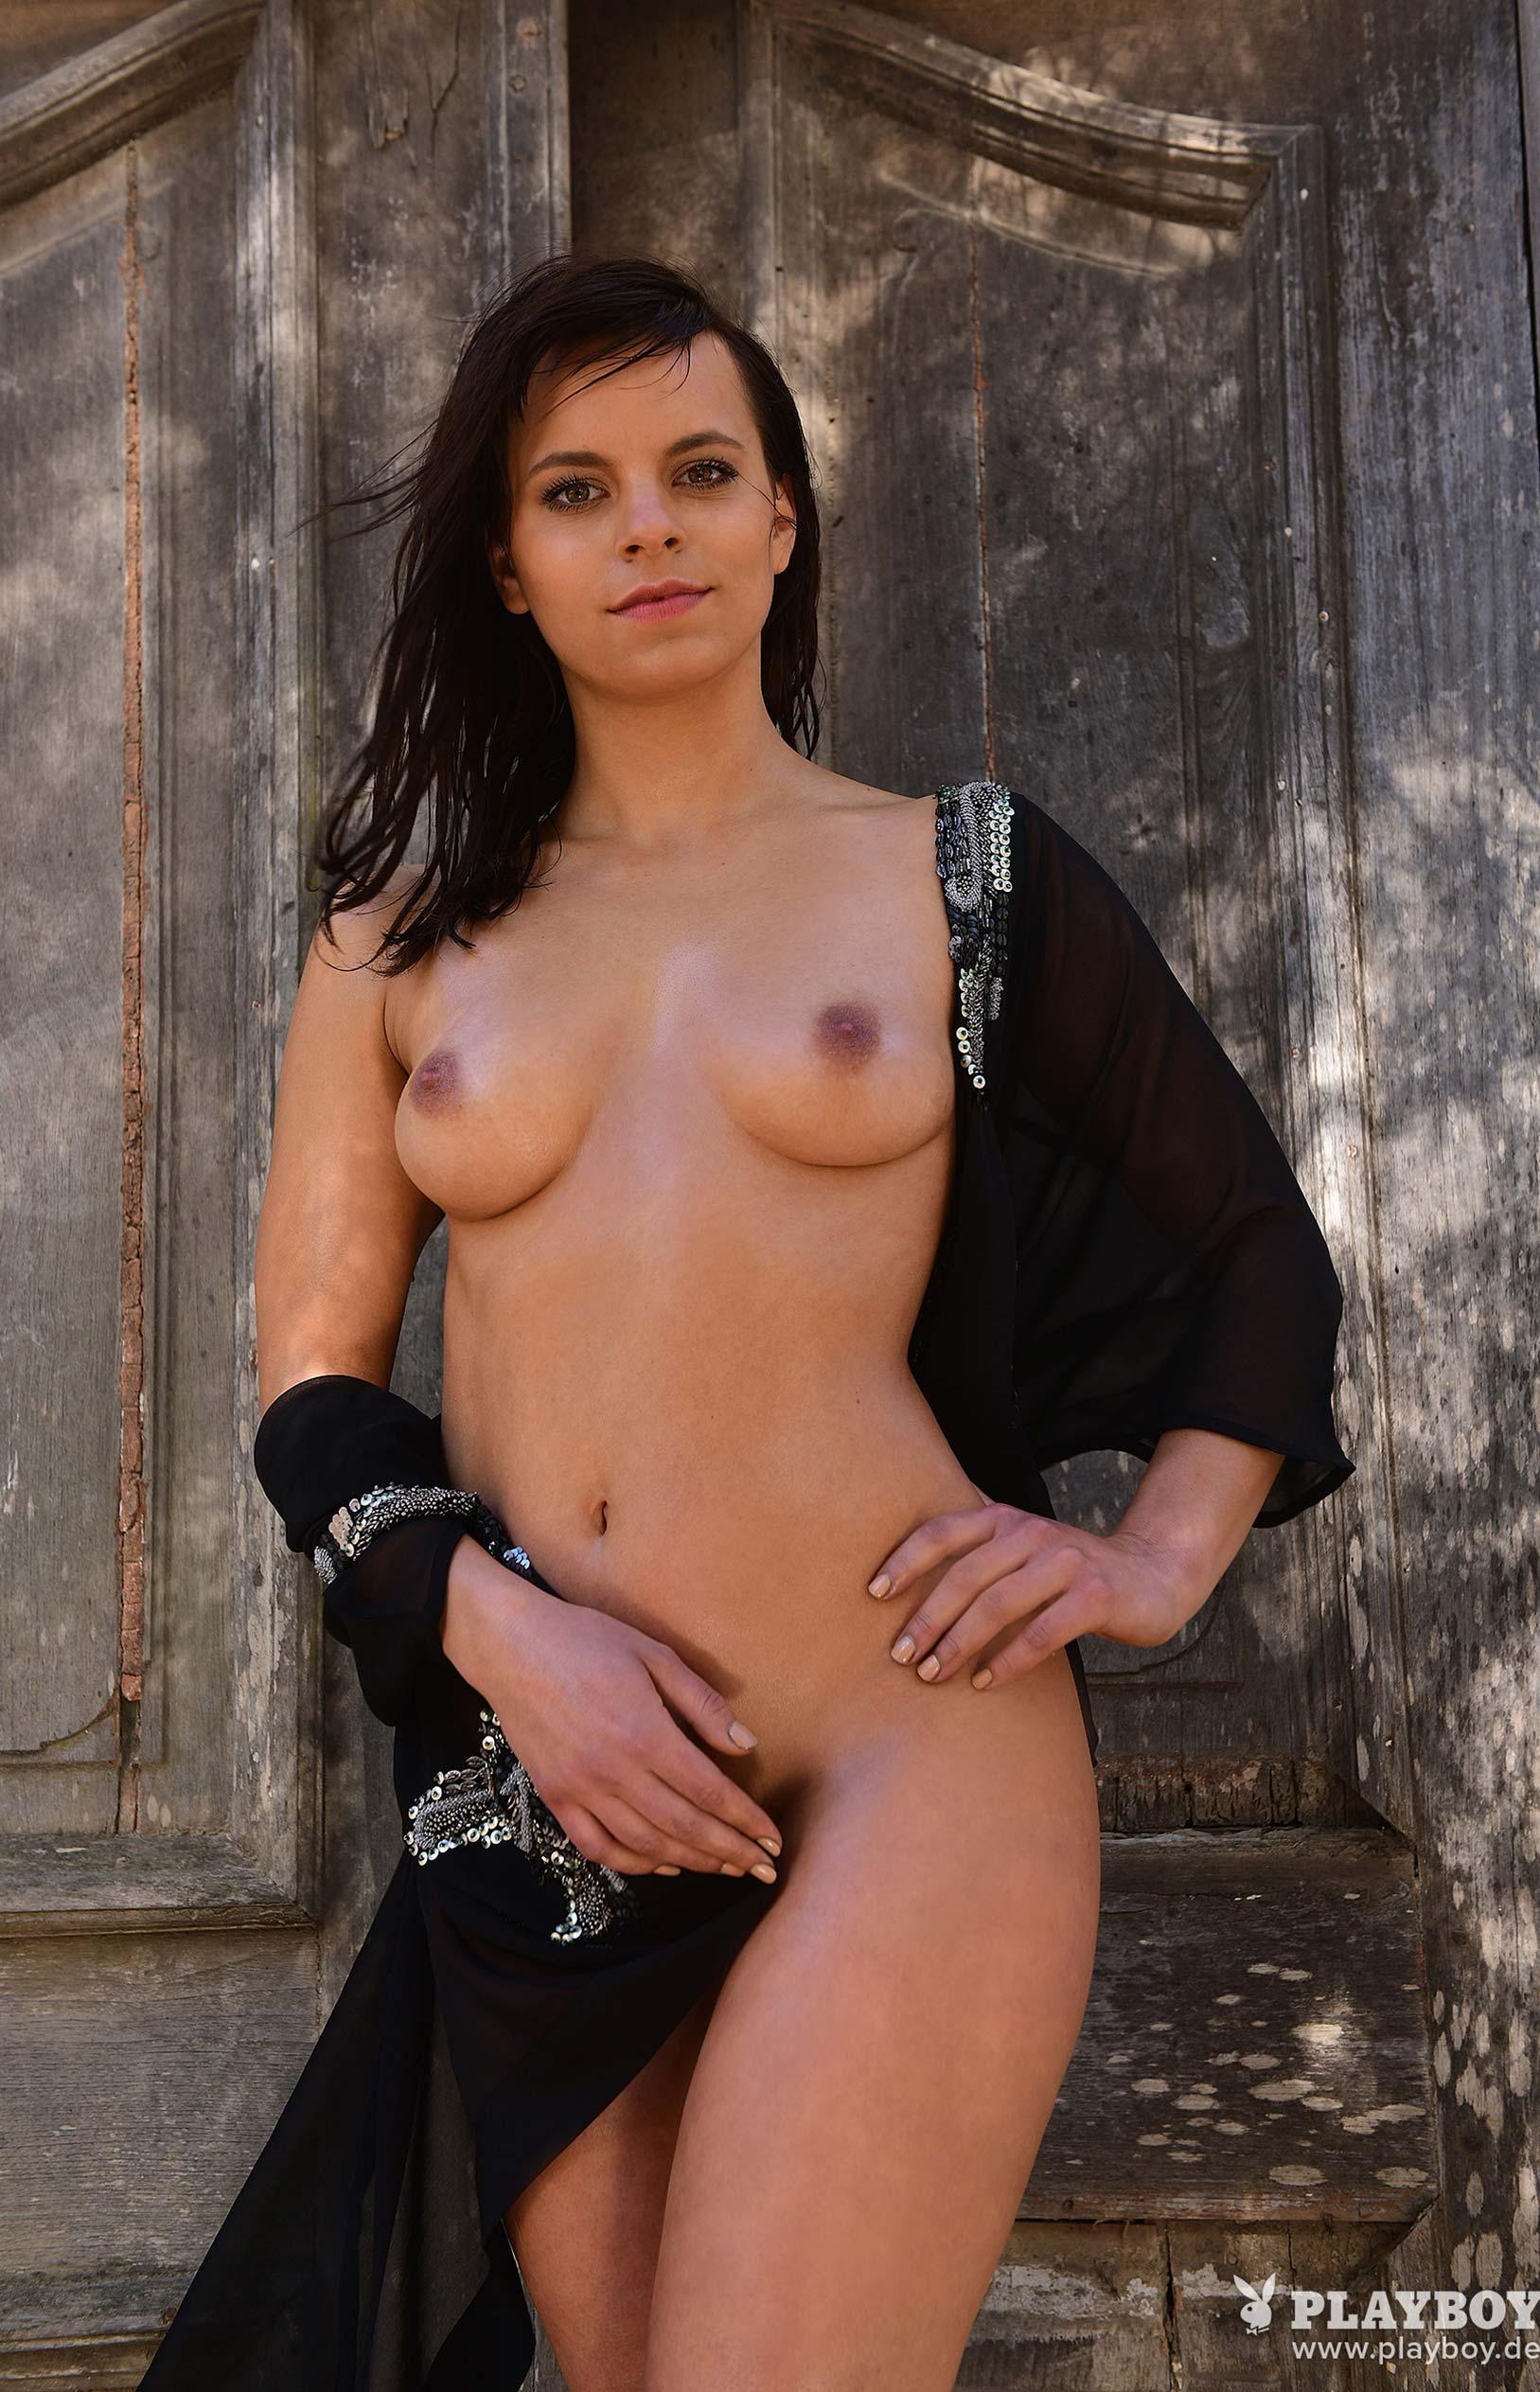 актриса Франциска Бенц голая на ферме в Южной Африке / фото 13